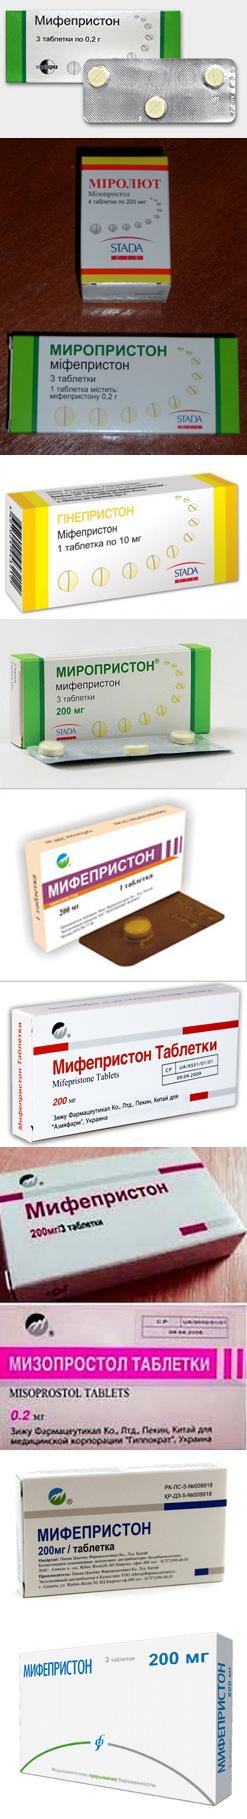 Мифепристон - инструкция по применению при прерывании беременности